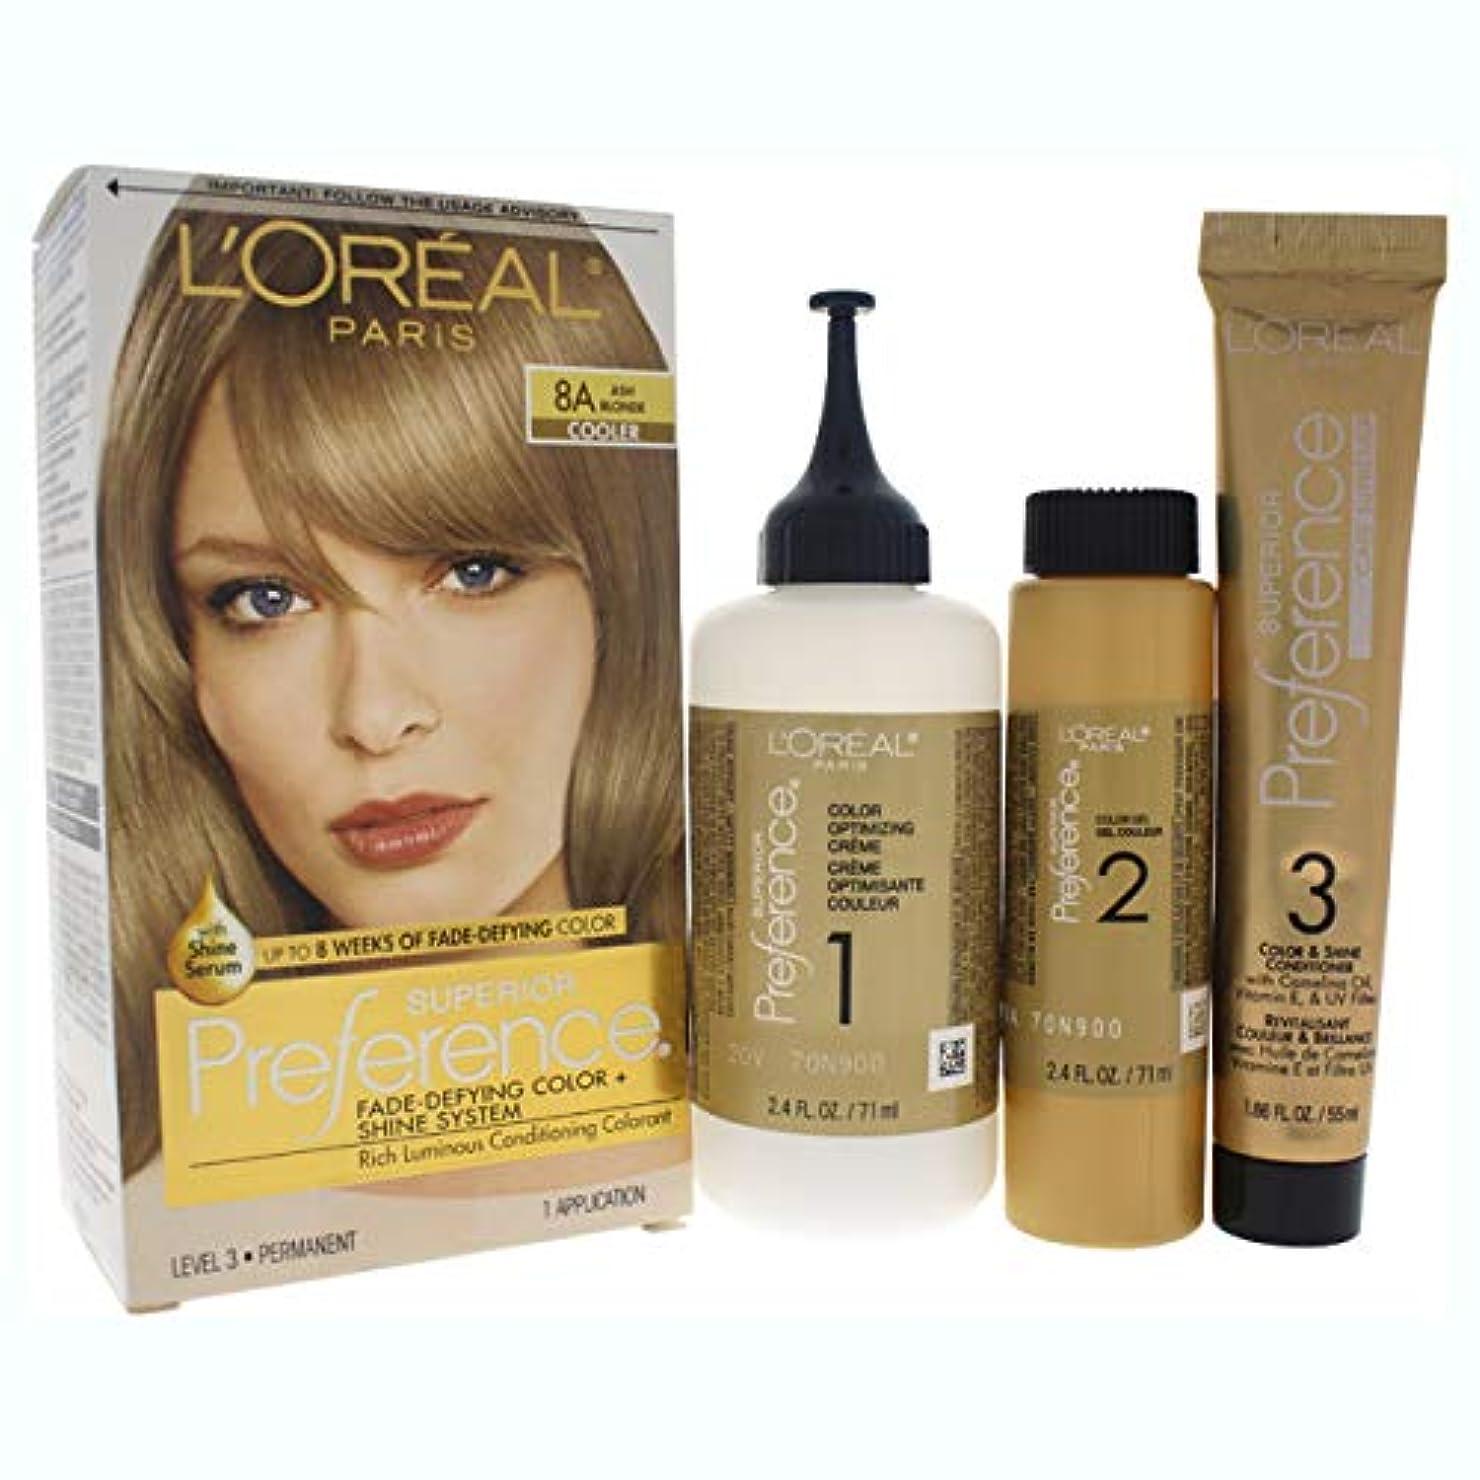 つづりうれしい拡声器L'Oreal Paris 県Haircol 8Aサイズ1CTロレアルプリファレンスヘアカラーアッシュブロンド#8(a)